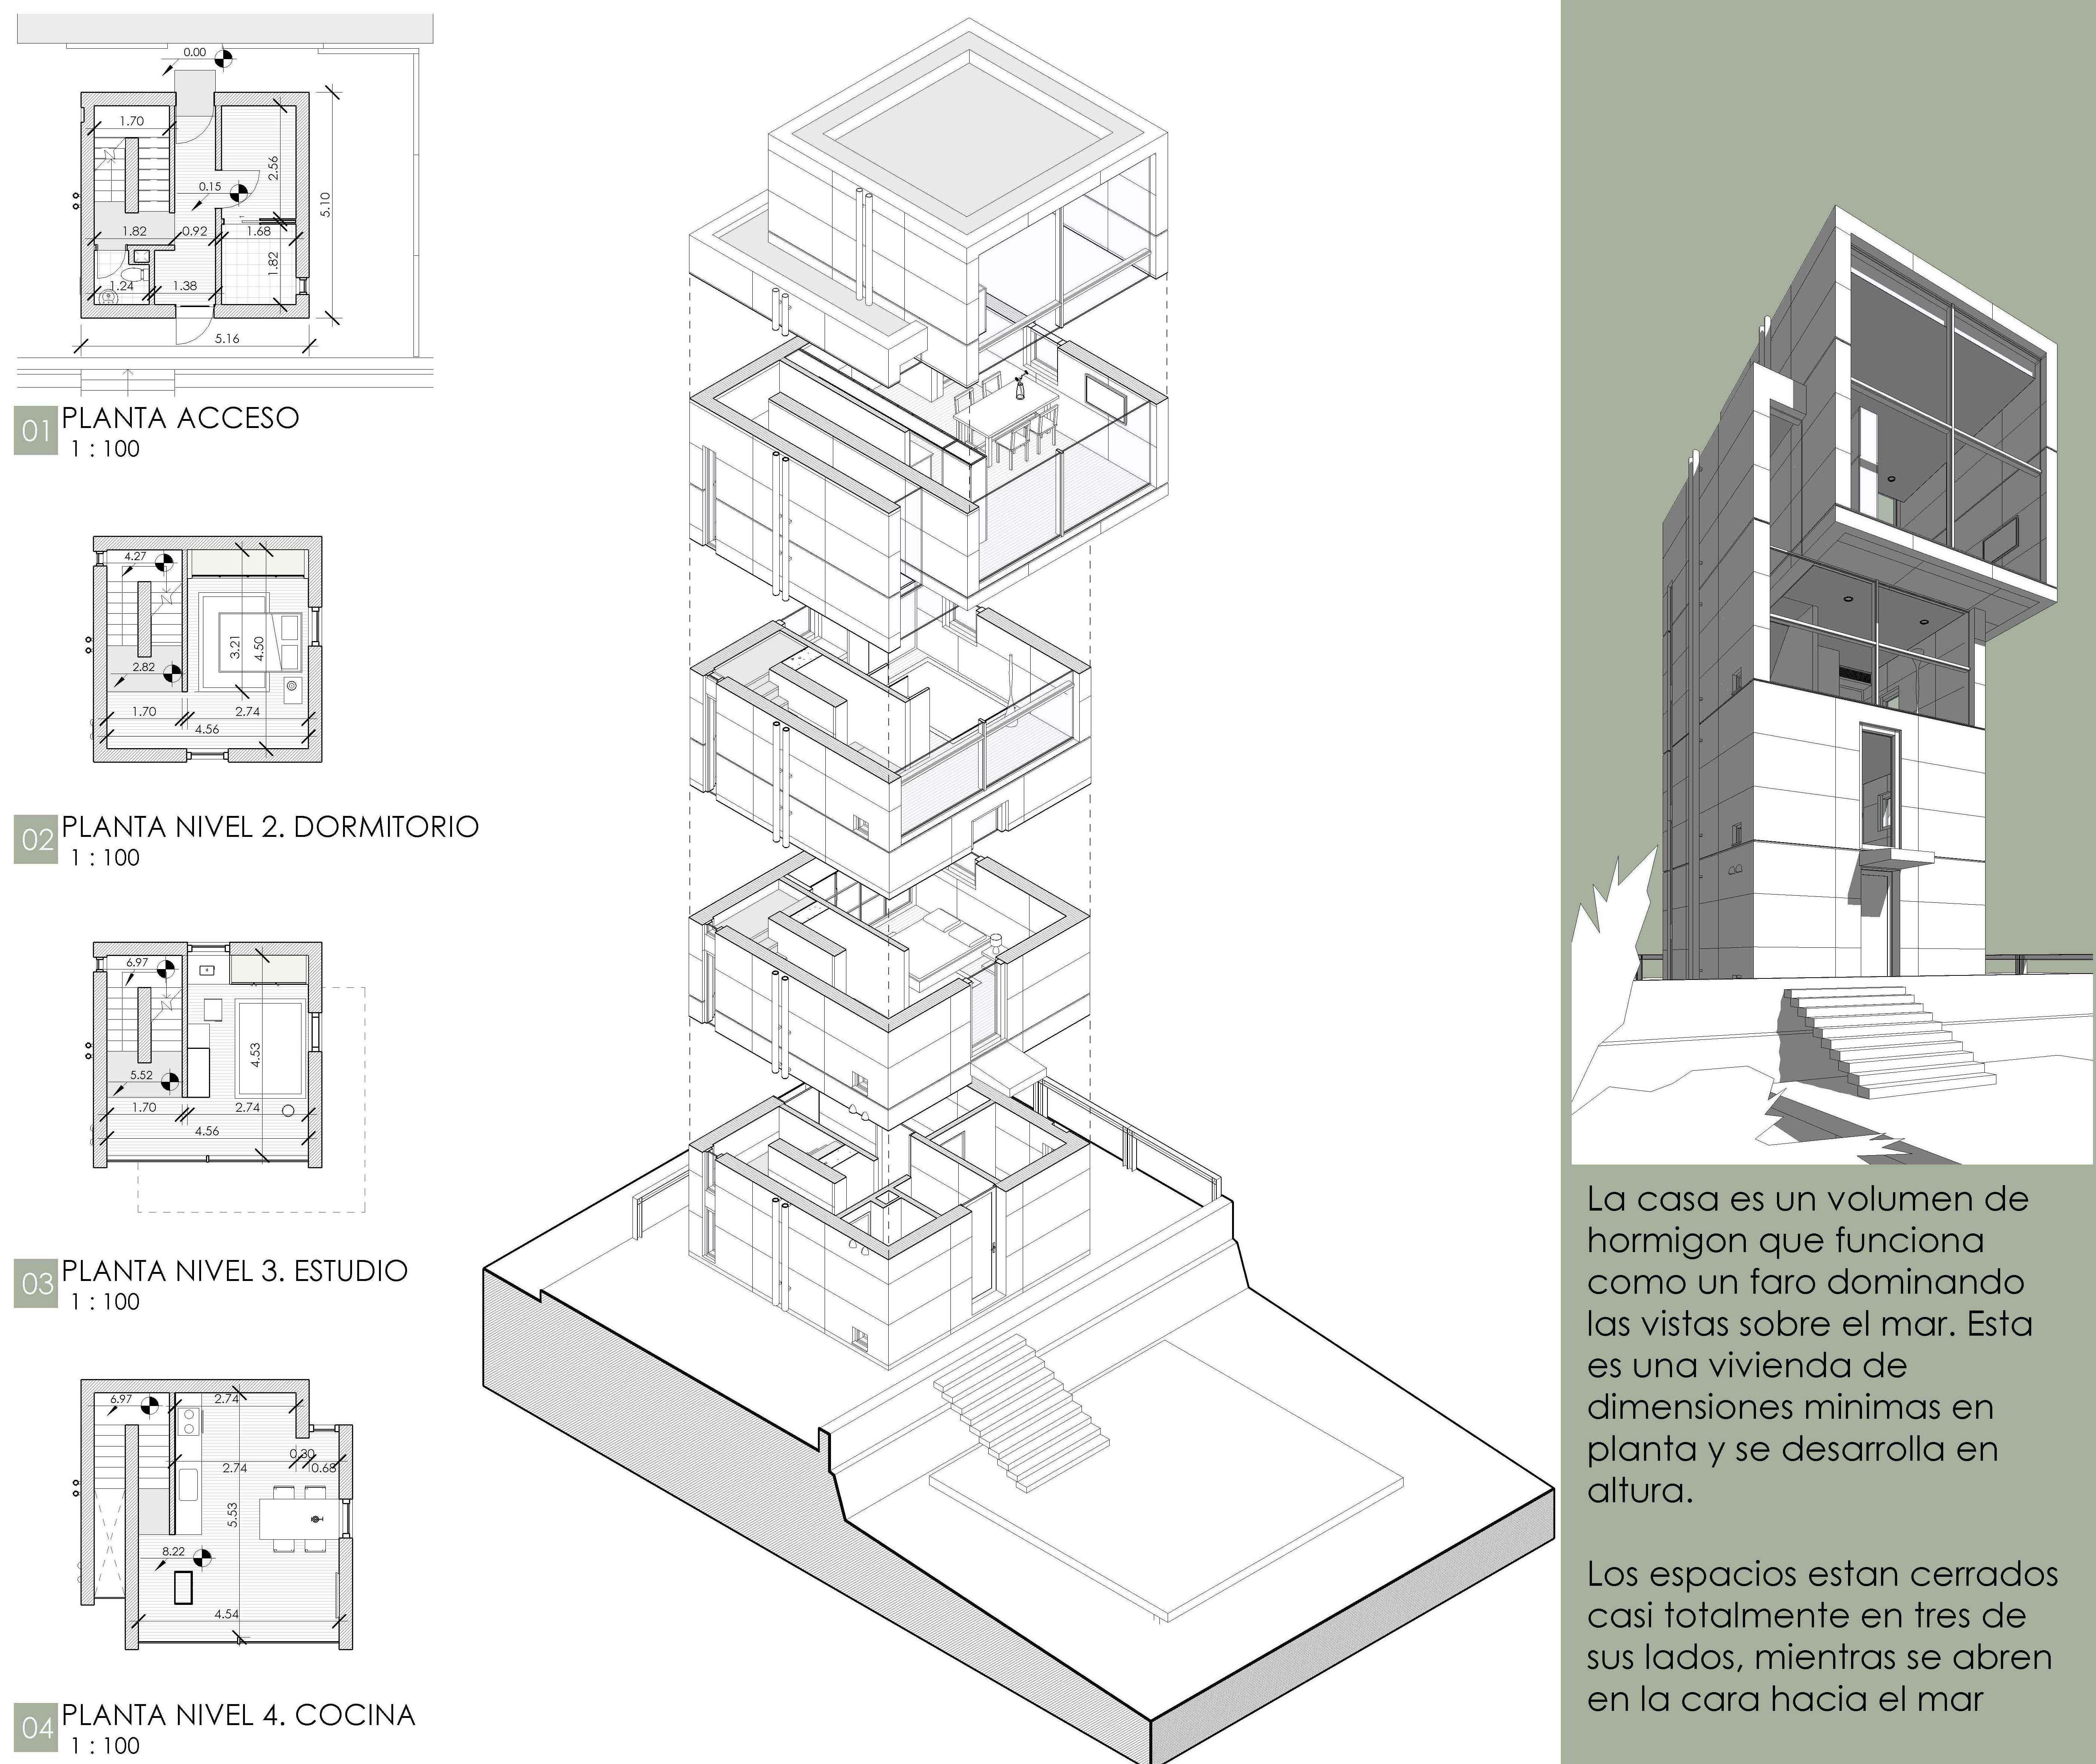 Tadao Ando 4x4 House Plans | Tadao Ando | Pinterest | Entwurf, Rund ...